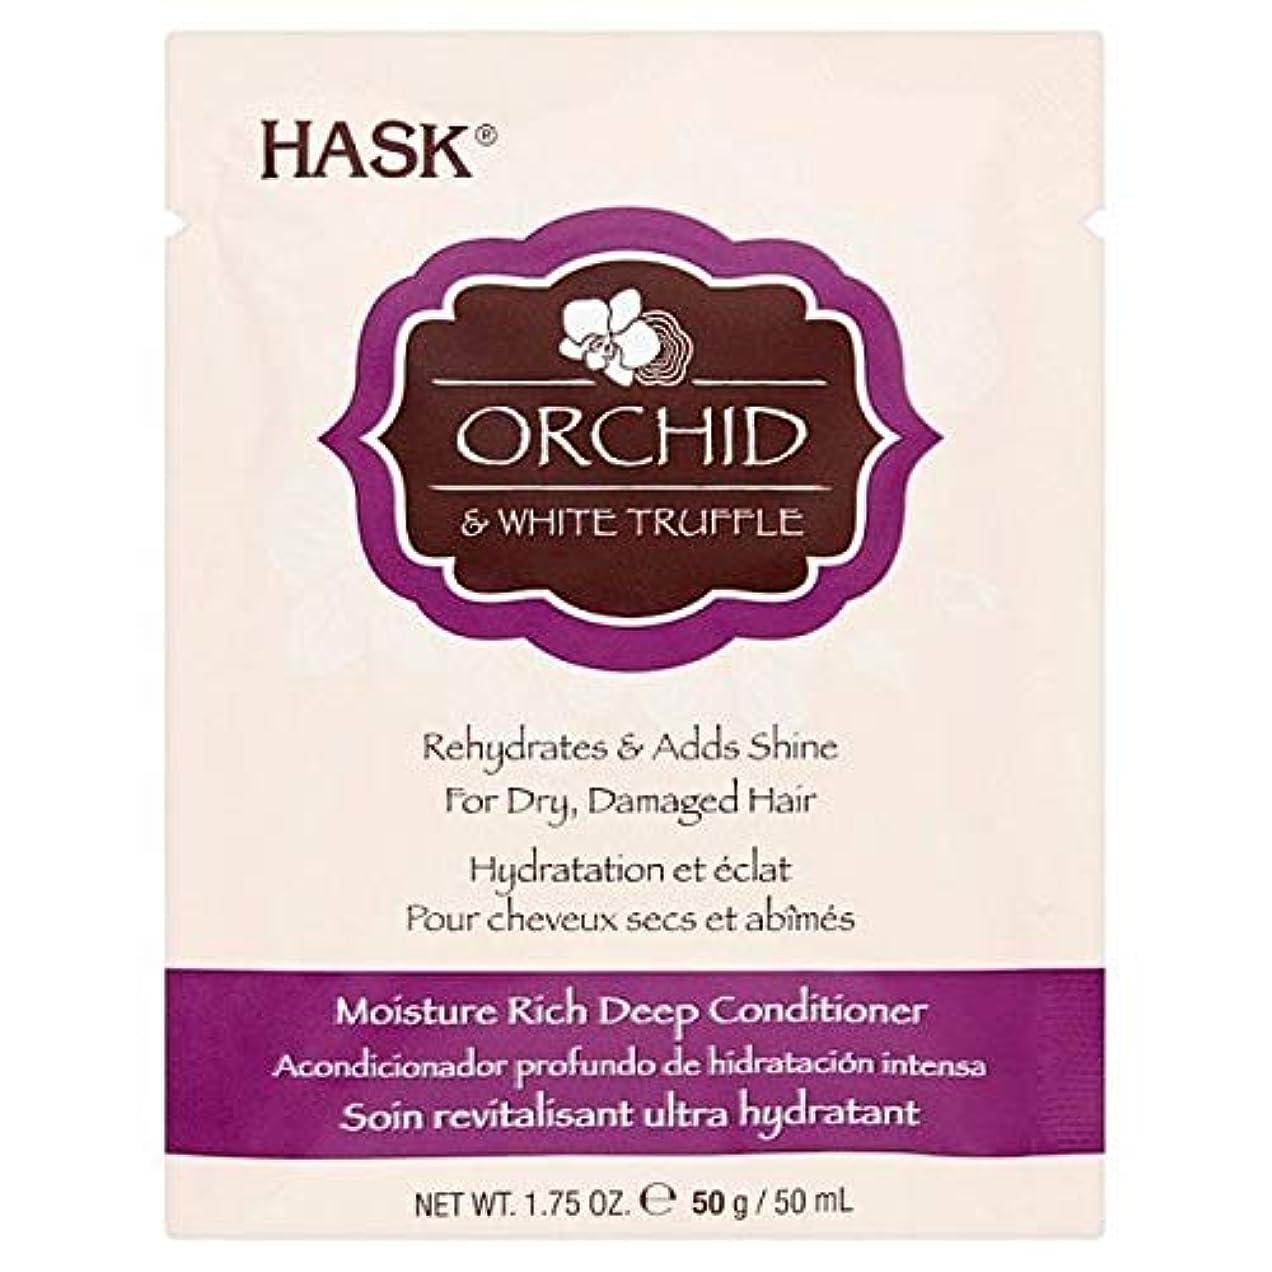 突進分離するささやき[Hask] Hask蘭&白トリュフ深いコンディショニングサシェ50グラム - HASK Orchid & White Truffle Deep Conditioning Sachet 50g [並行輸入品]